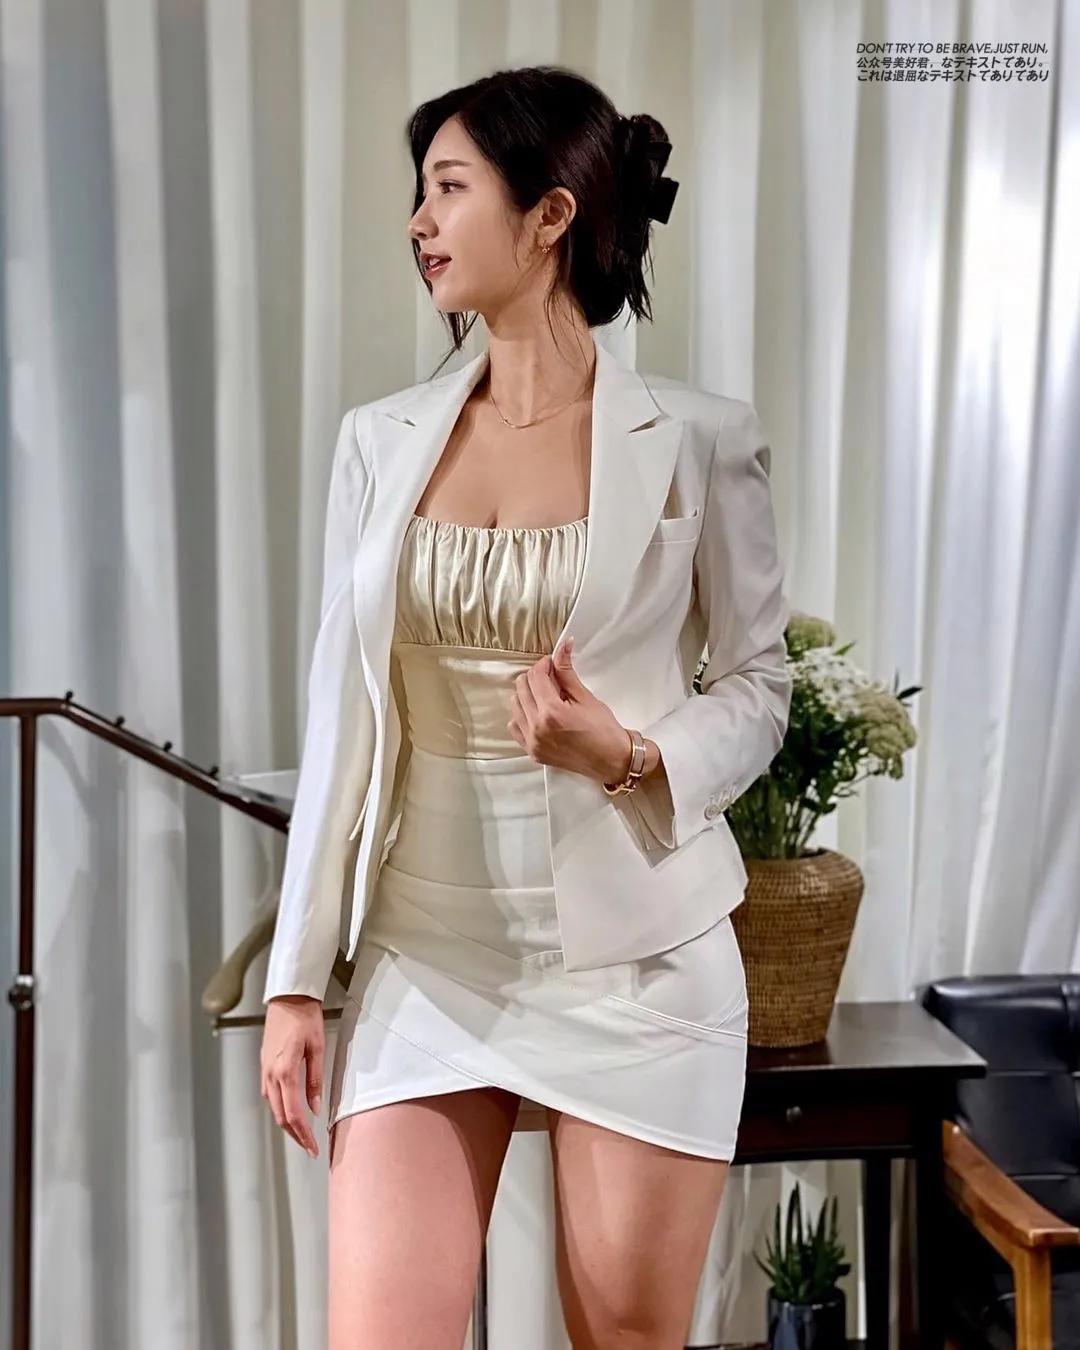 韩国健身妹子몽쌤 | pigmong写真,身材高挑,亚洲人都喜欢的S型